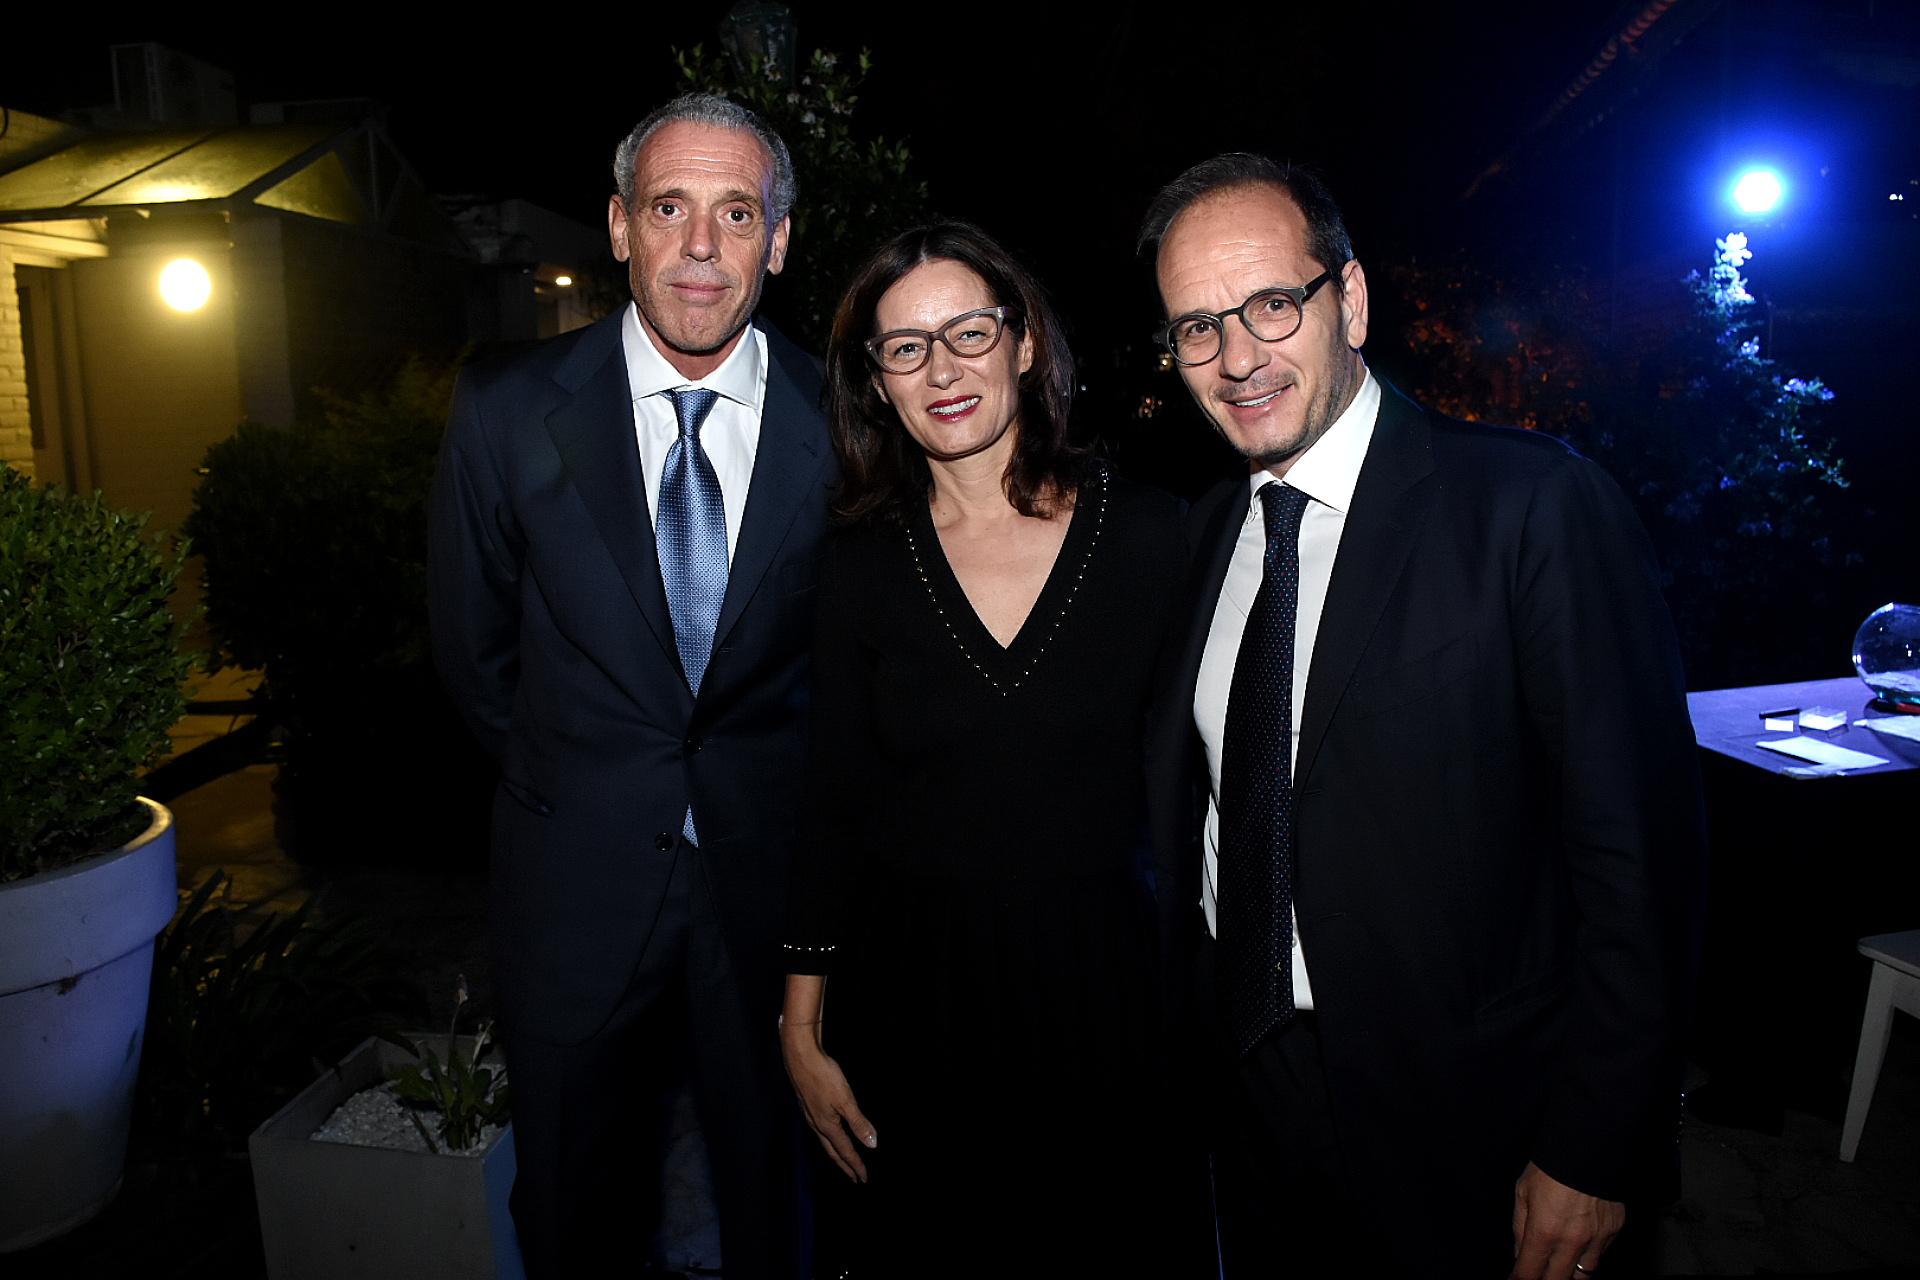 El presidente de la Cámara de Comercio Italiana Argentina, Giorgio Alliata di Montereale, junto al embajador de Italia en la Argentina, Giuseppe Manzo, y su mujer Alma